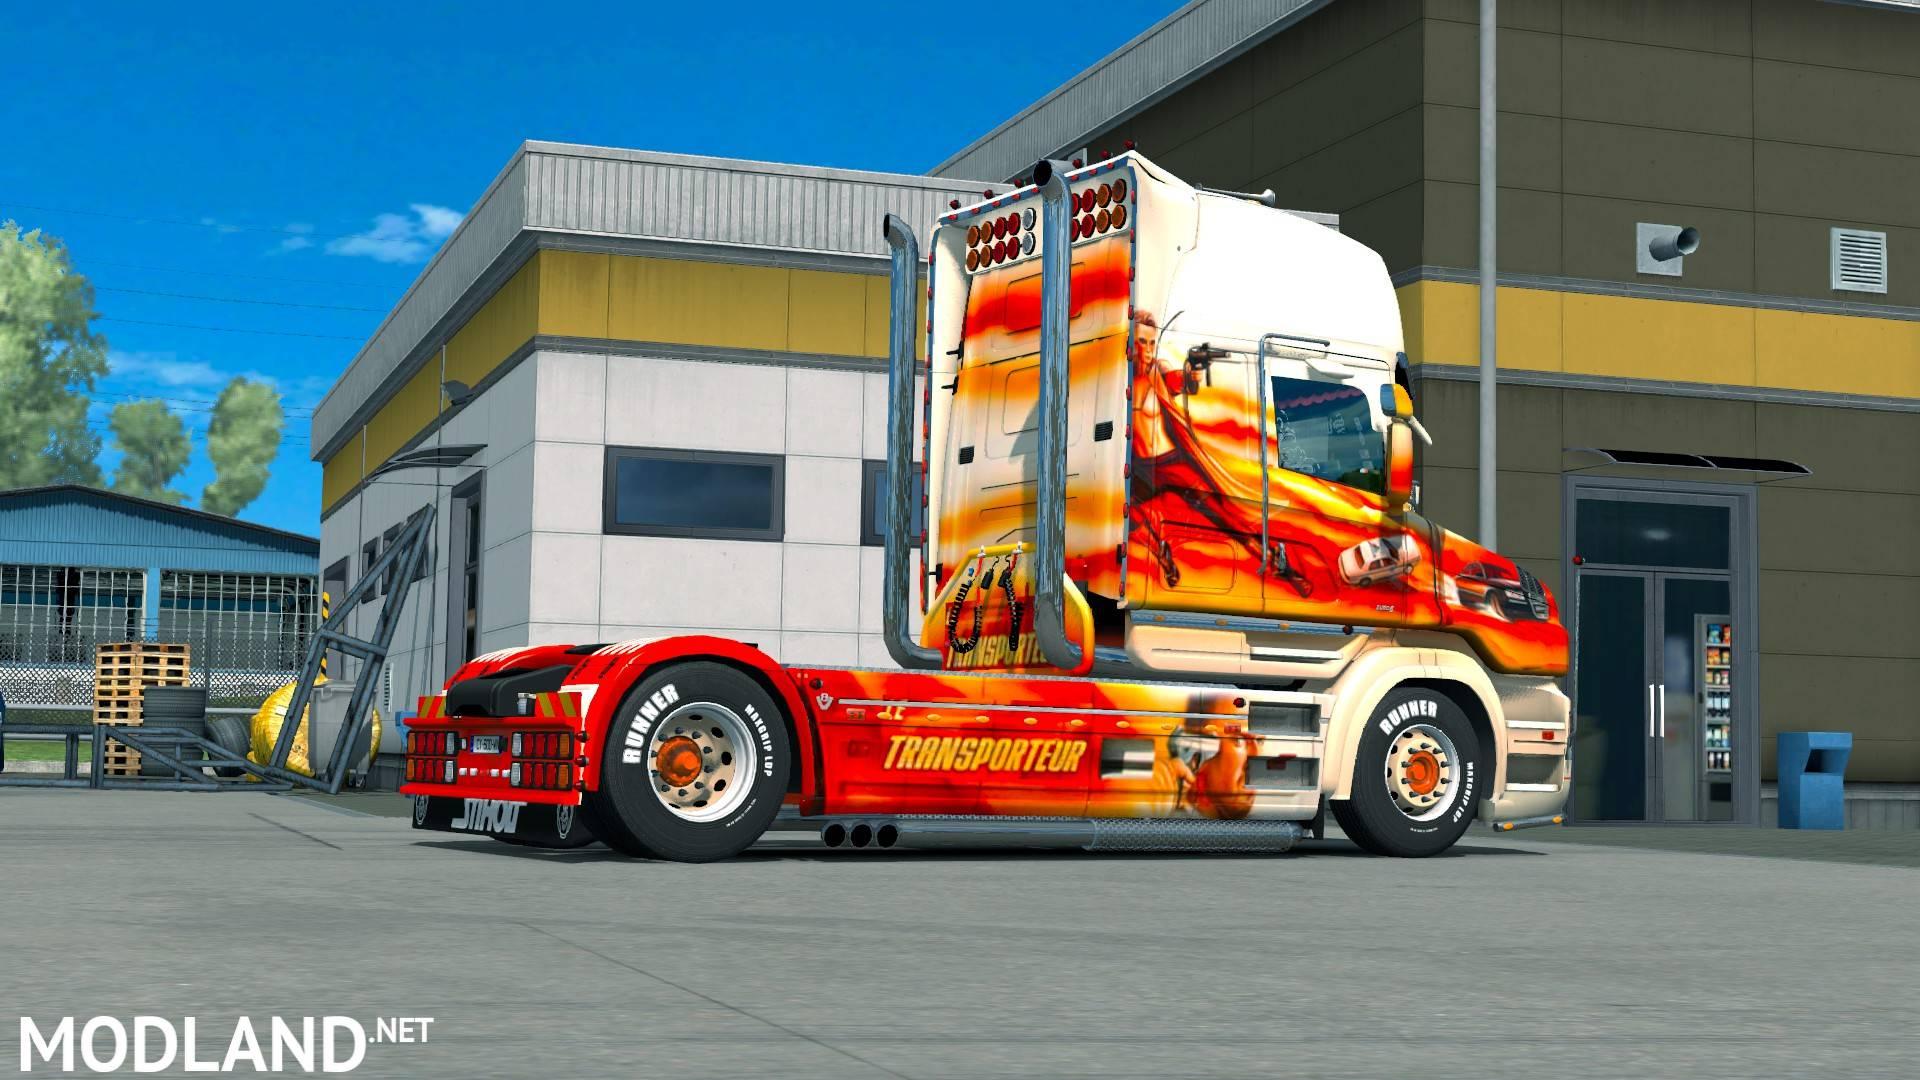 Skin Transporteur For Scania T Rjl Mod For Ets 2